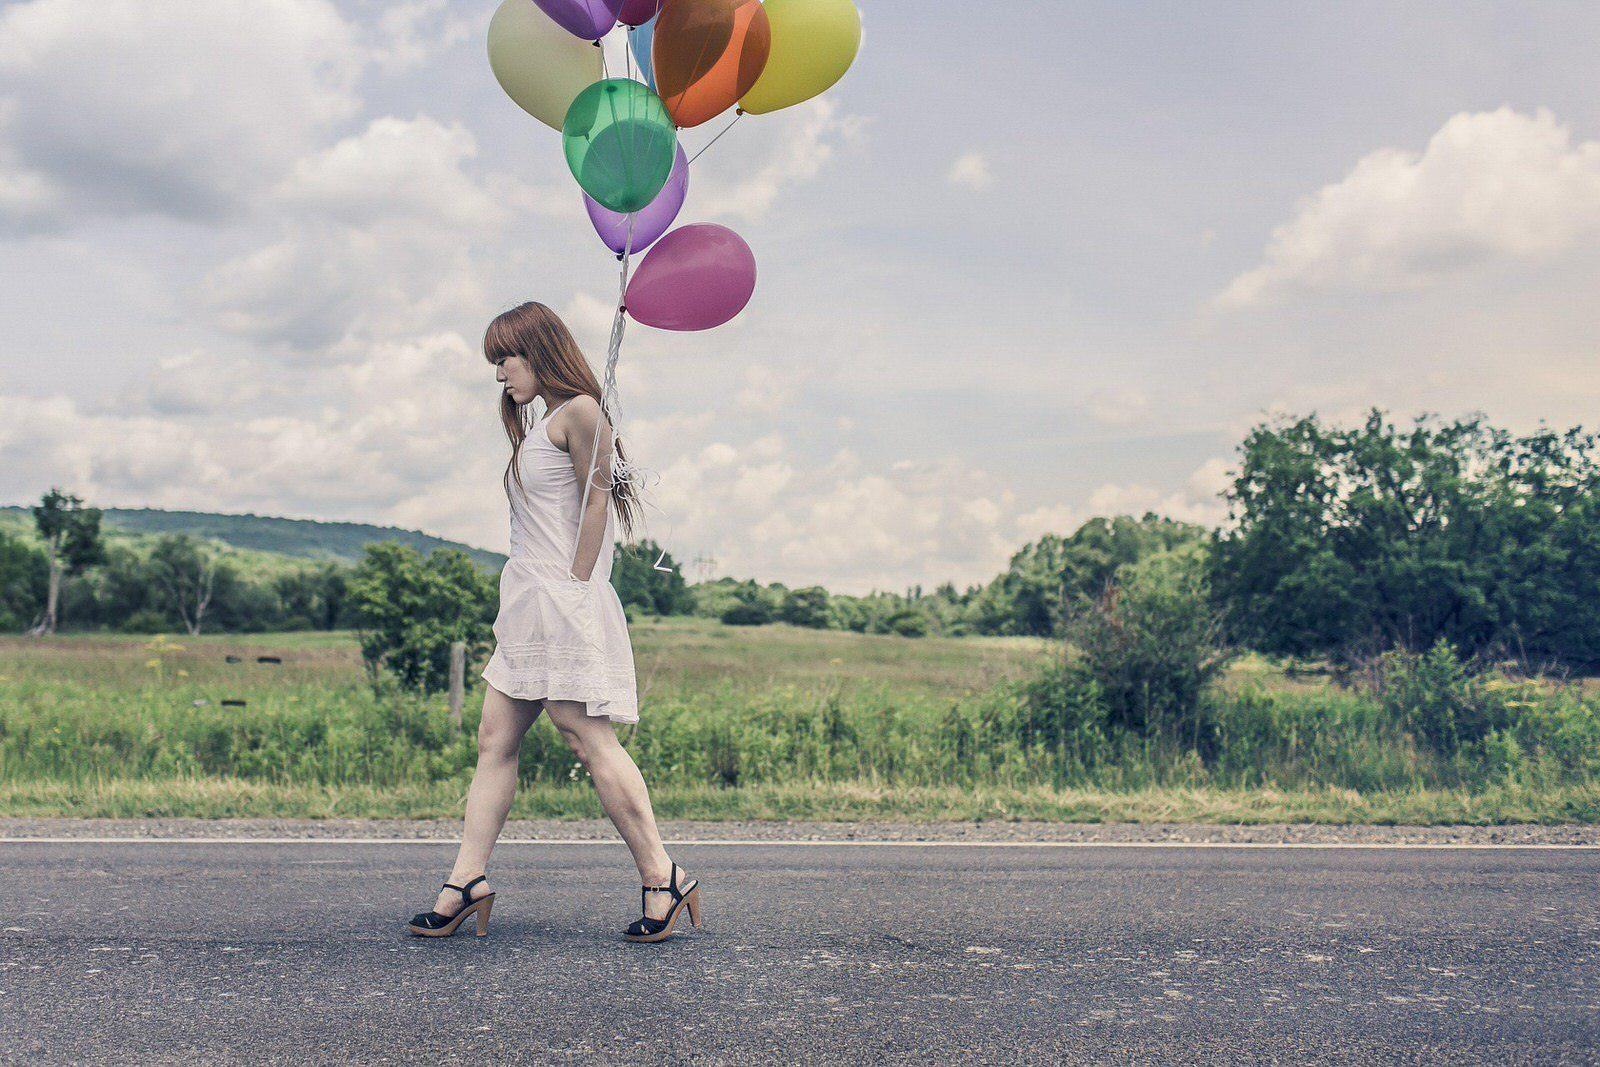 Comment lâcher prise avec la métaphore du ballon gonflable ?